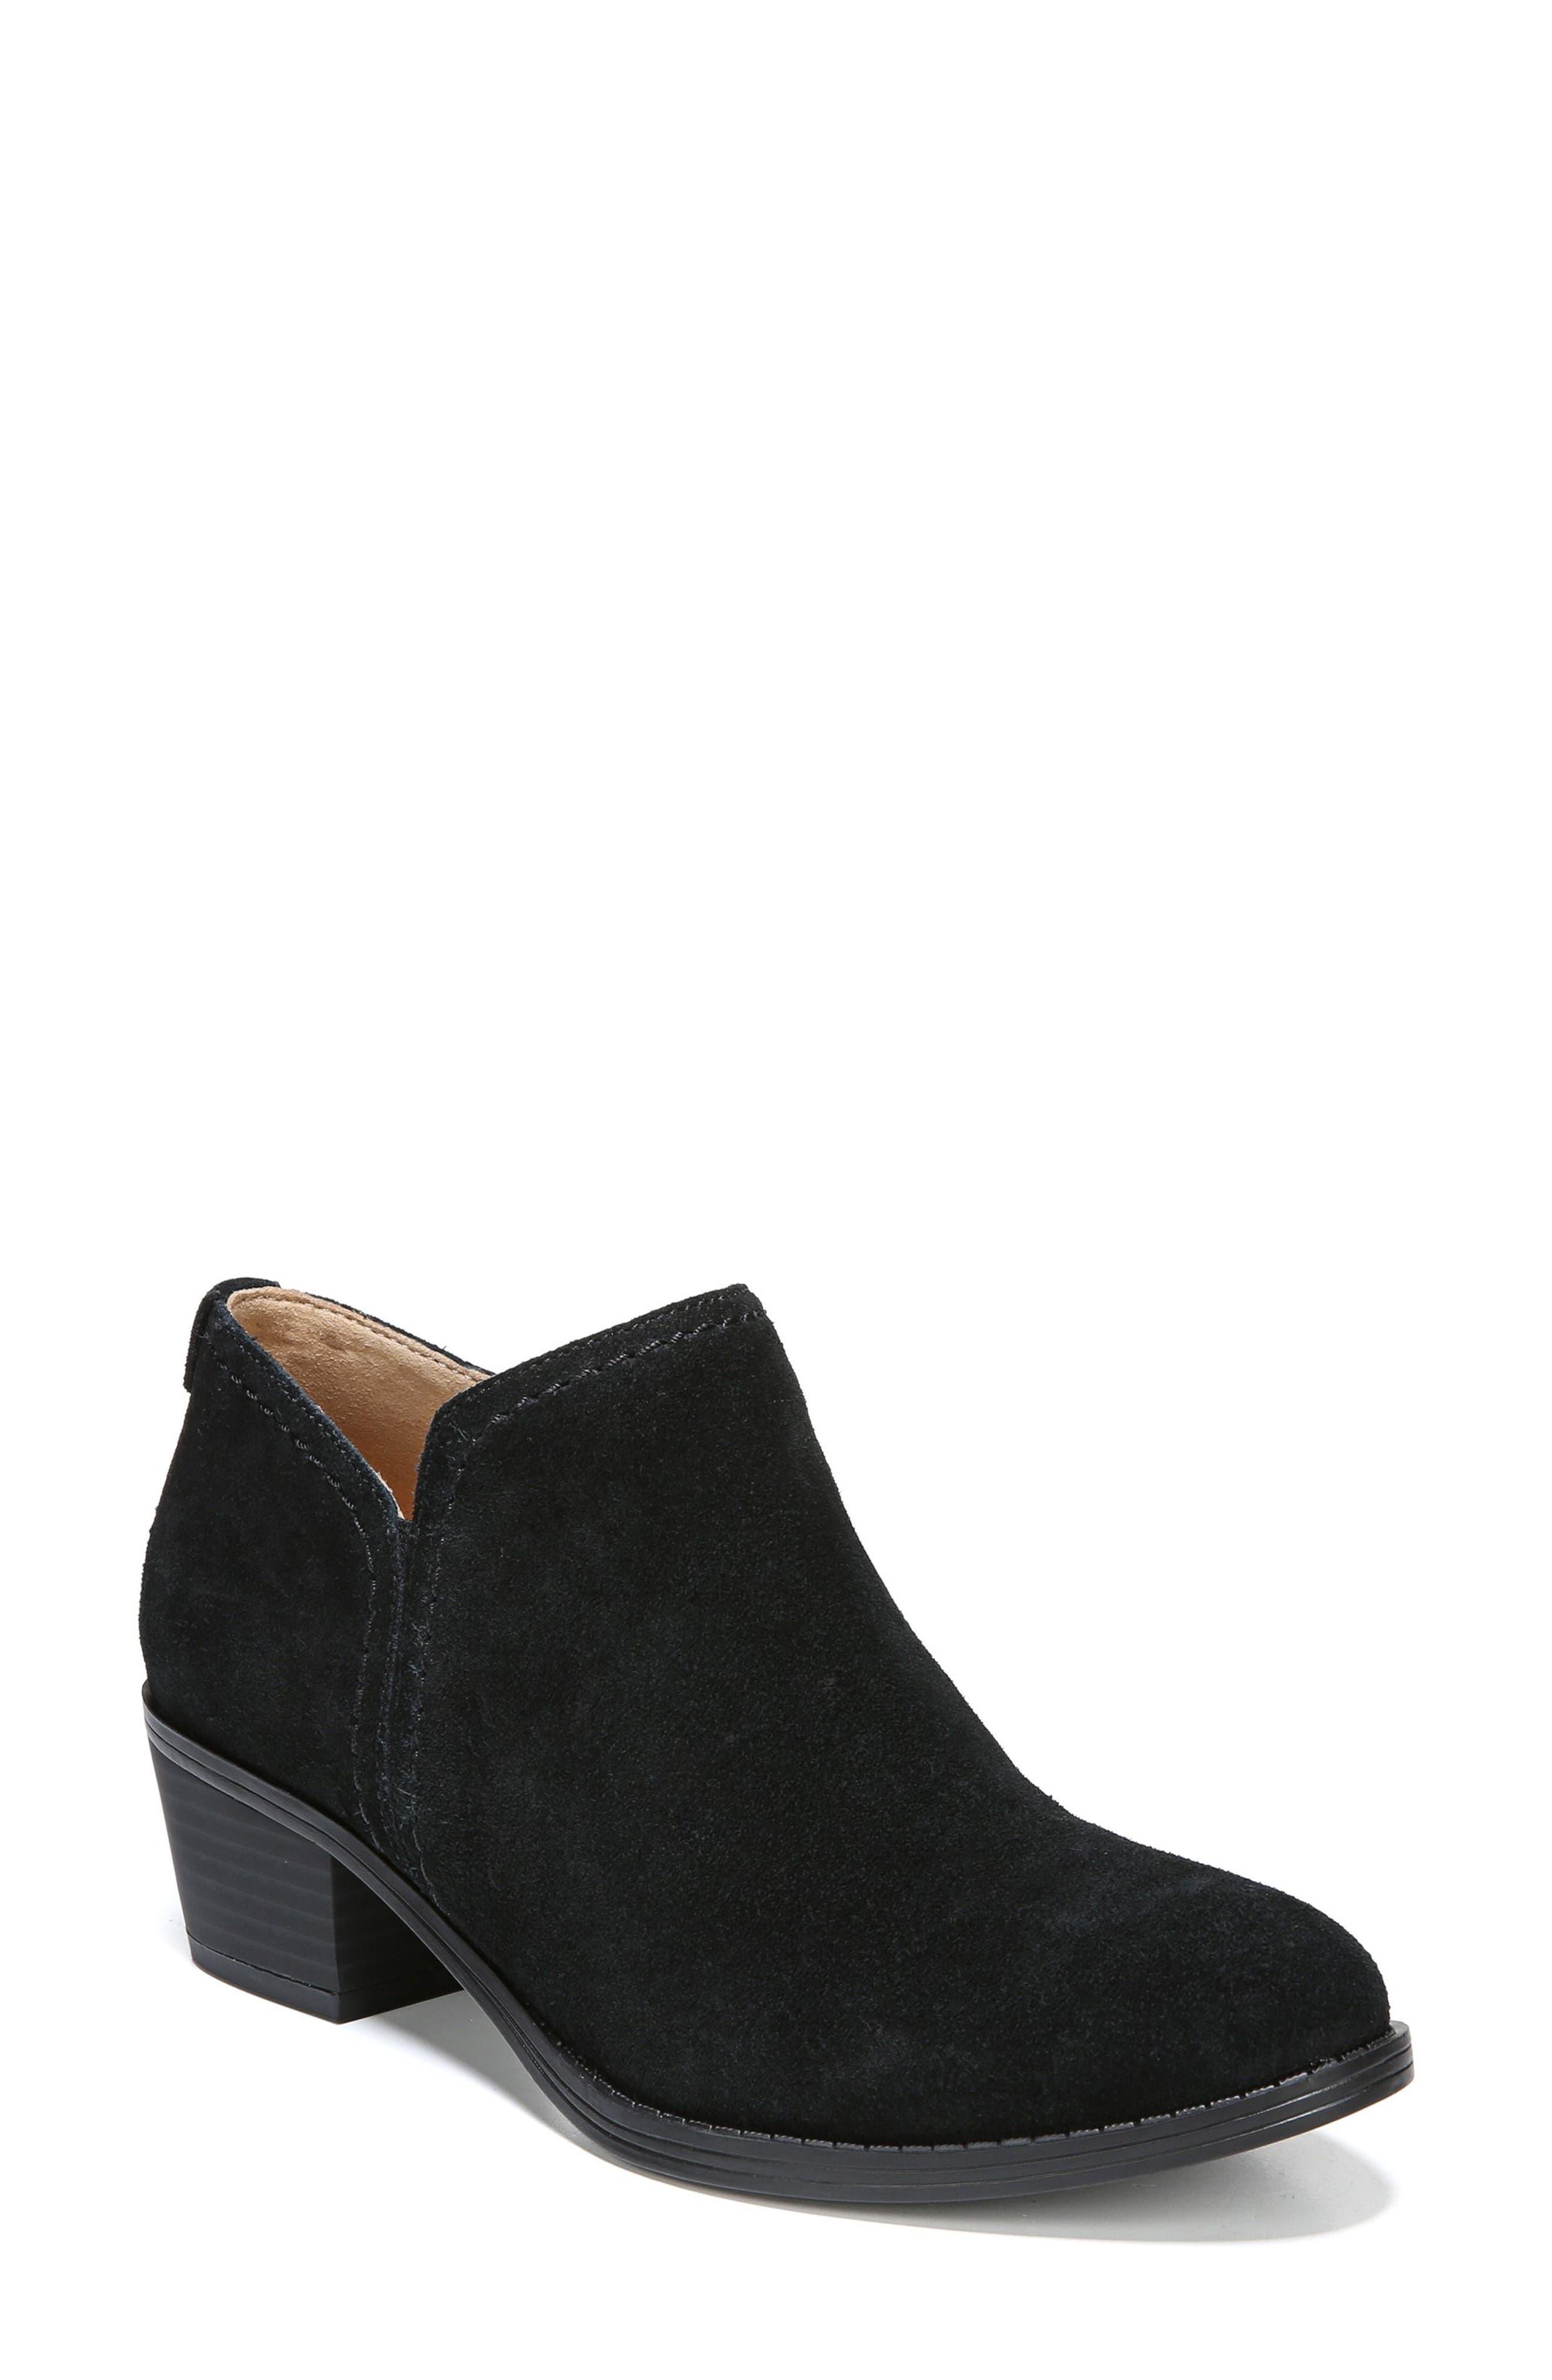 'Zarie' Block Heel Bootie,                             Main thumbnail 1, color,                             BLACK SUEDE